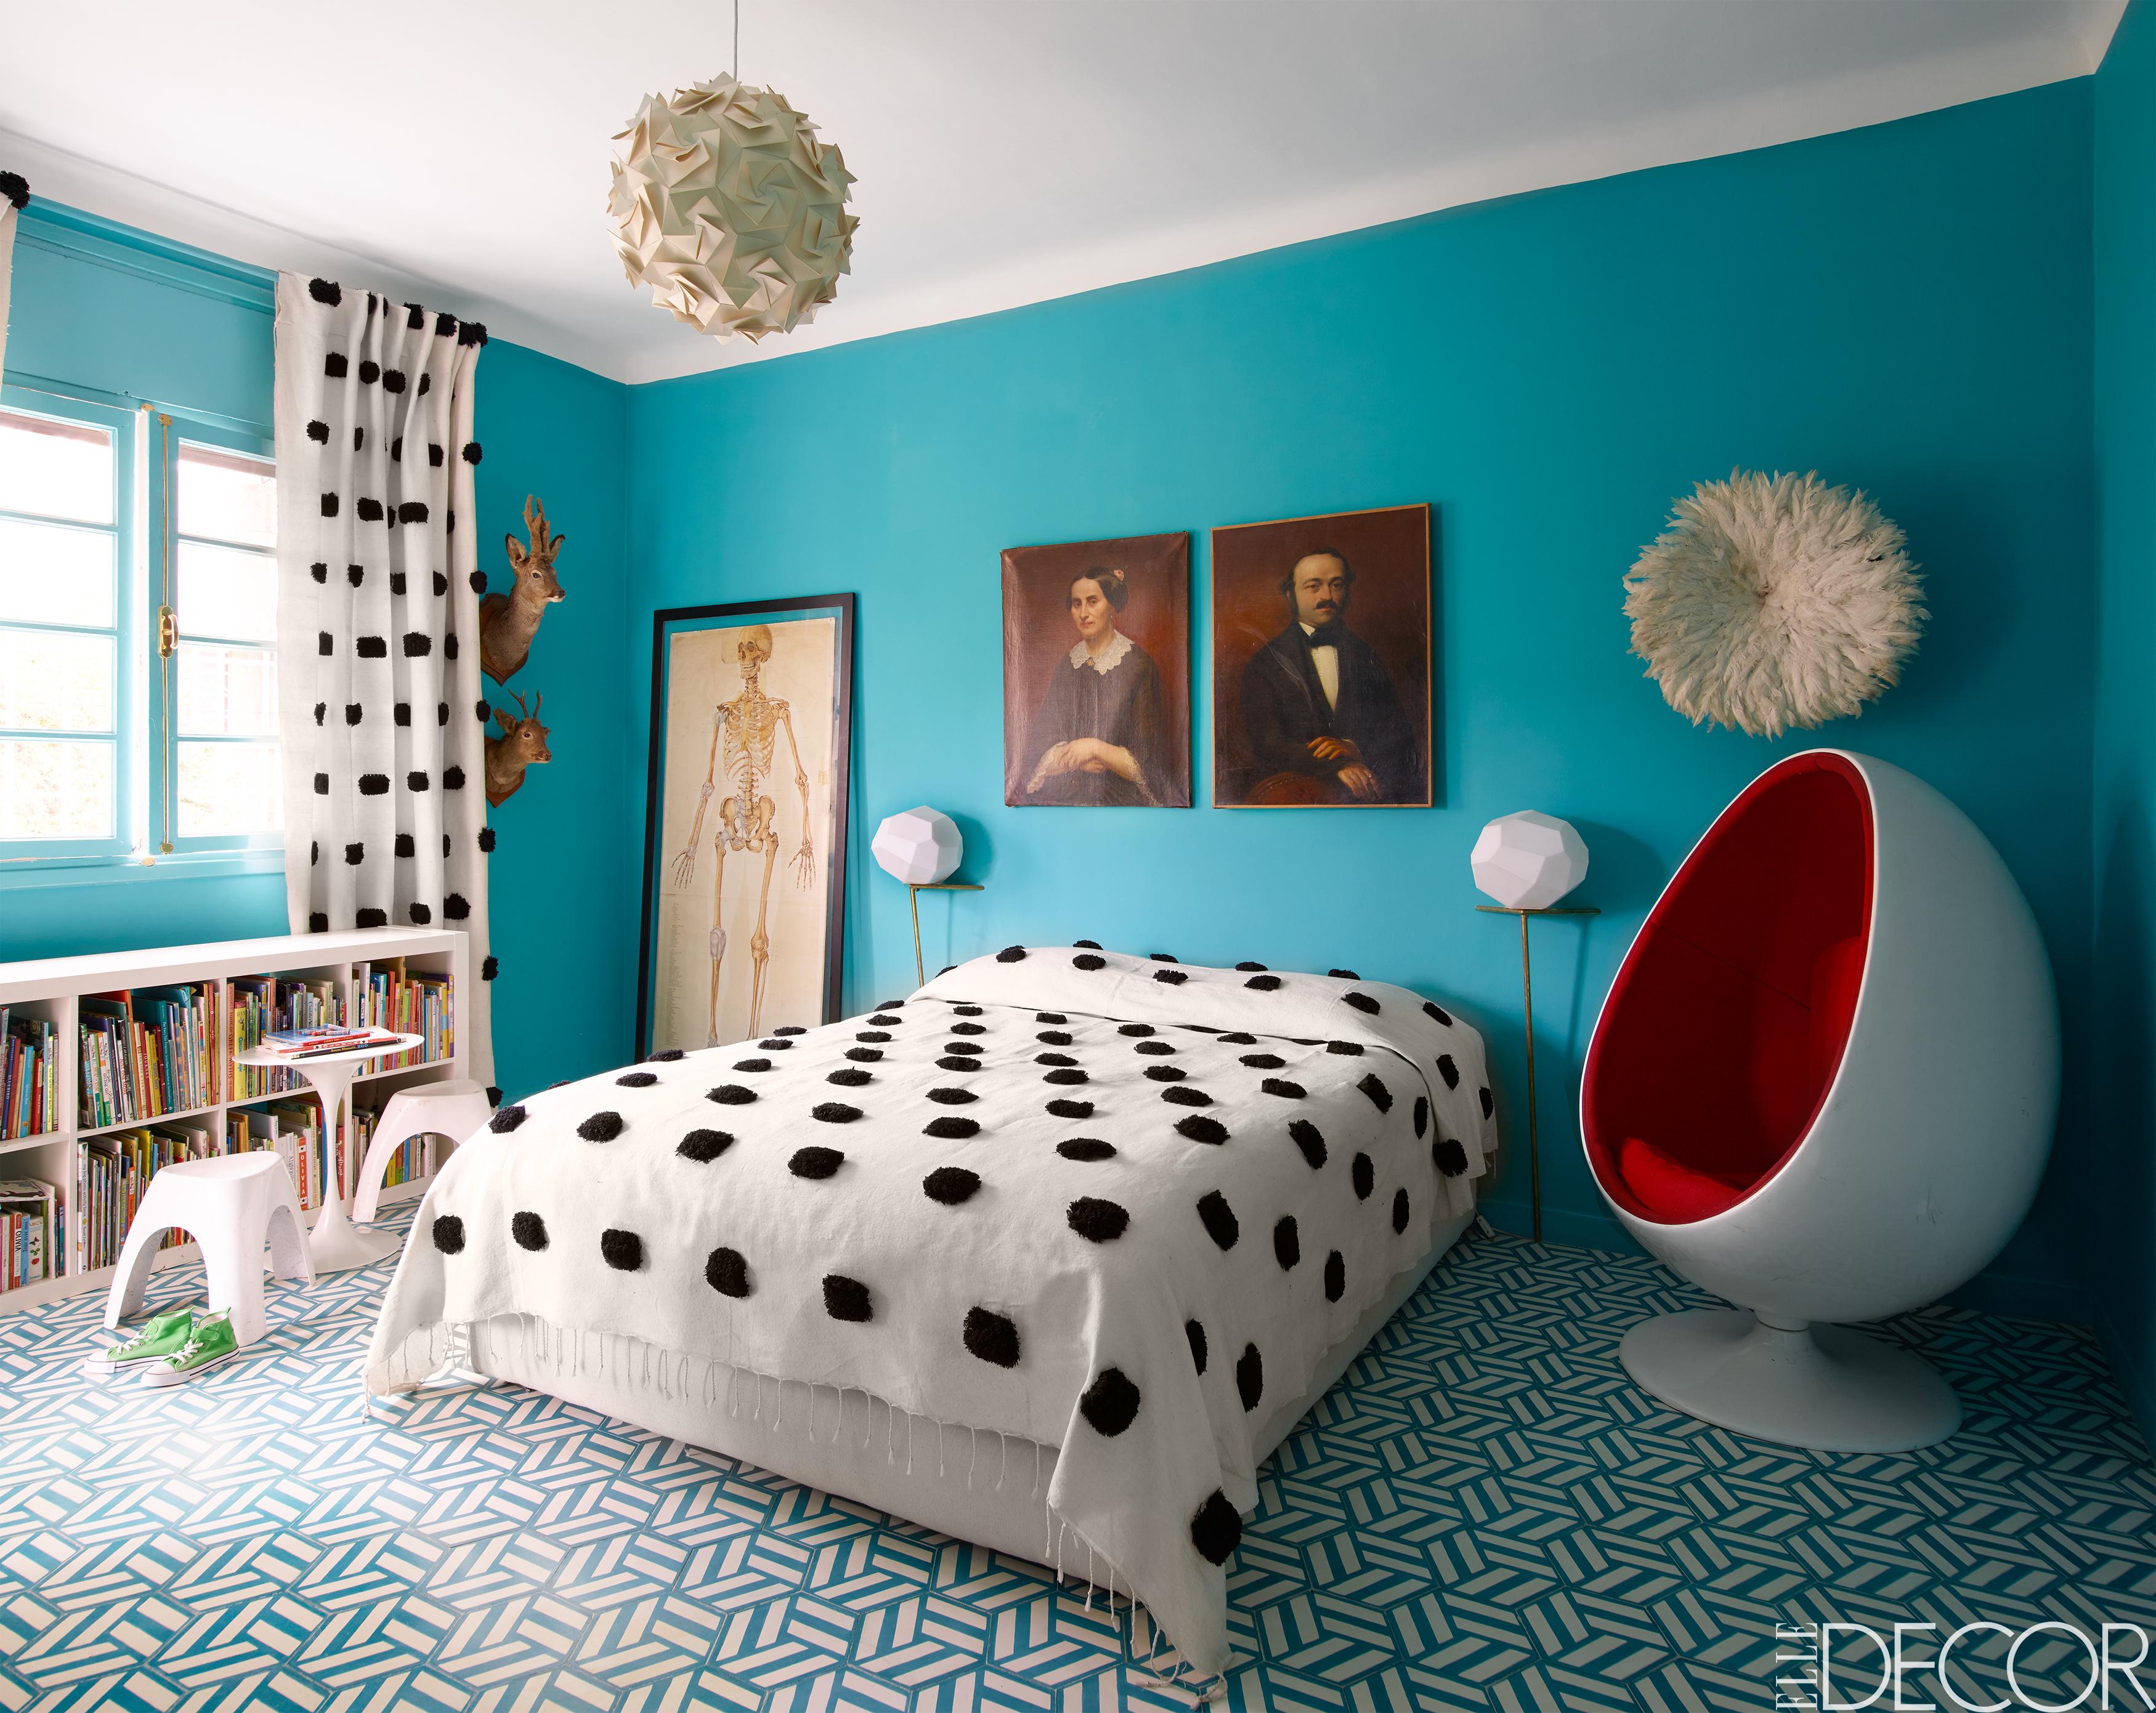 18 cool kidsu0027 room decorating ideas - kids room decor IQIOTUD